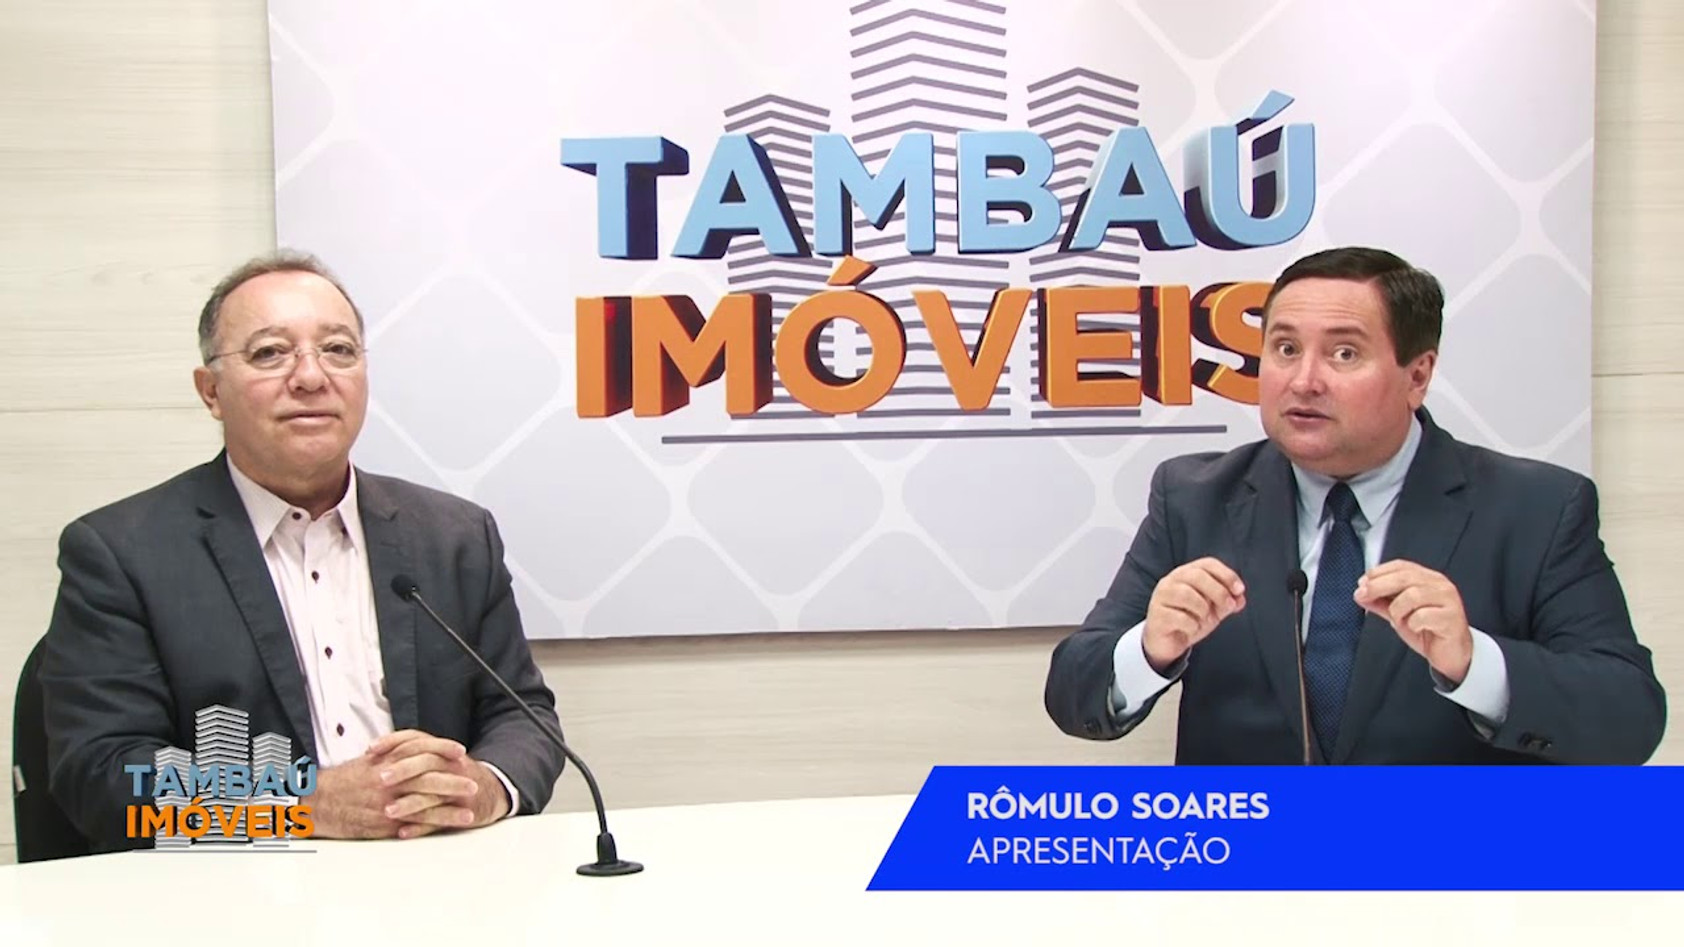 José William fala tudo sobre o mercado imobiliário e da construção civil ao Tambaú Imóveis